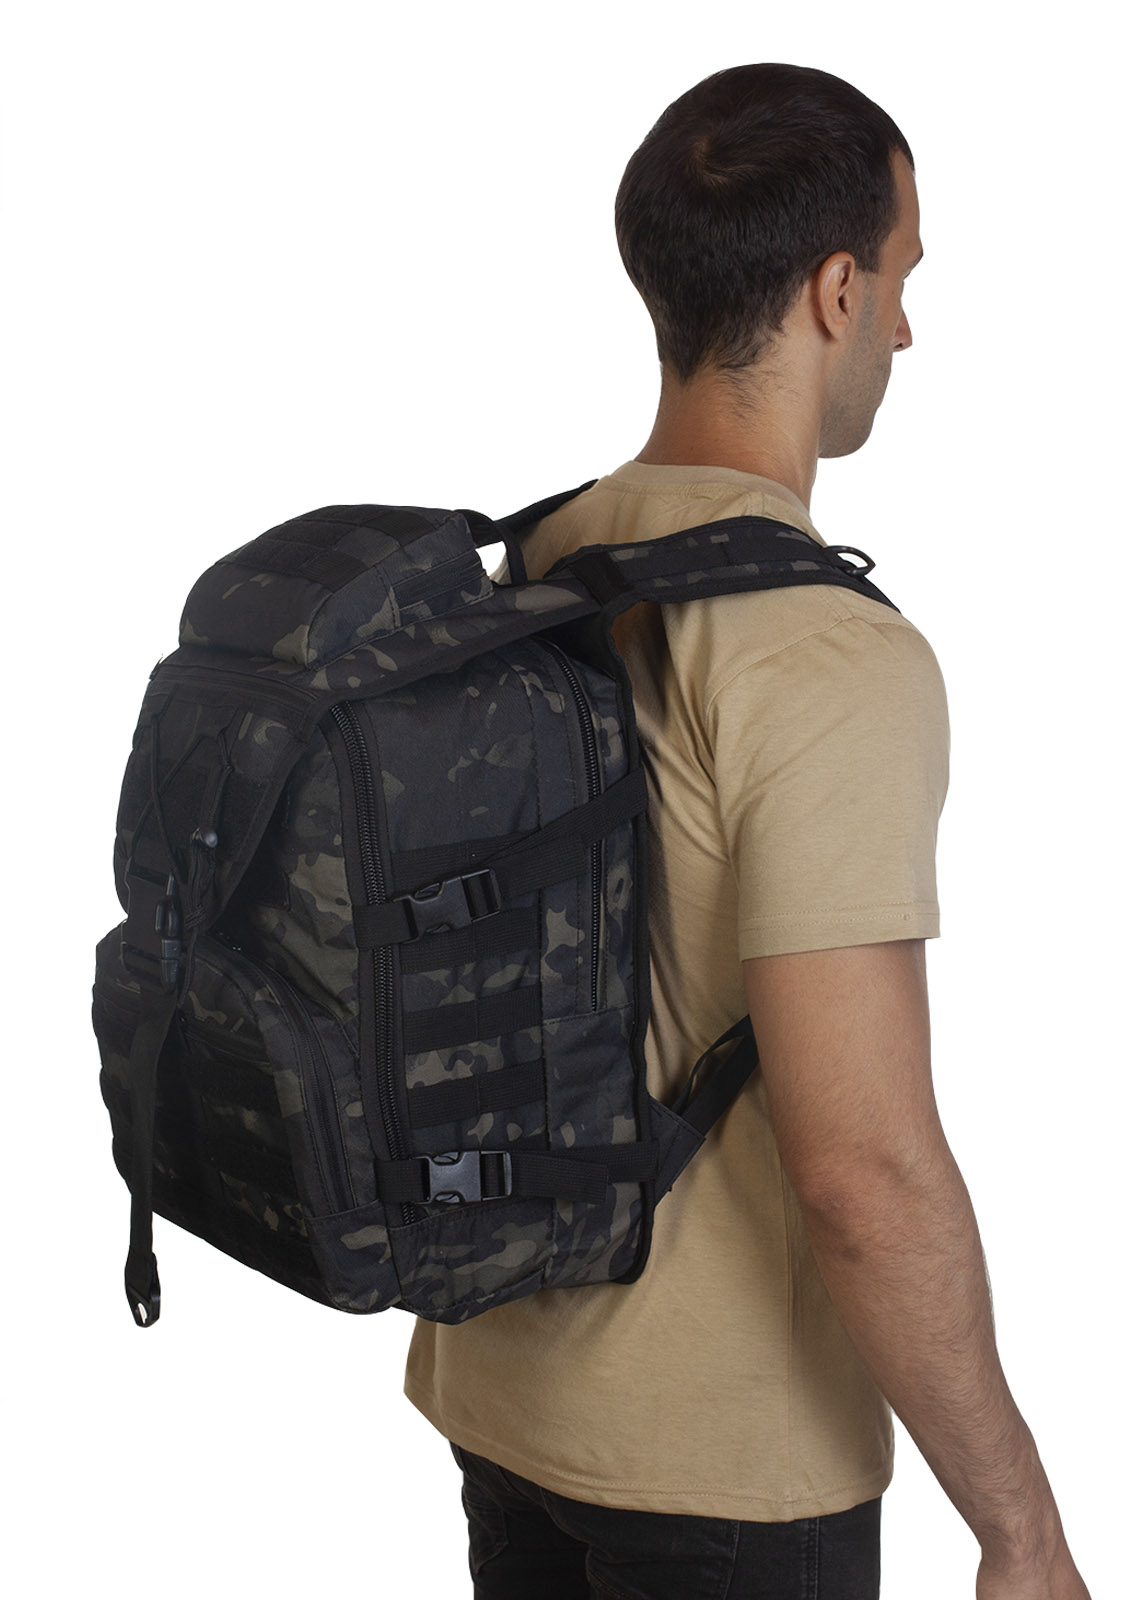 Тактический рюкзак камуфляжа Black Multicam высокого качества